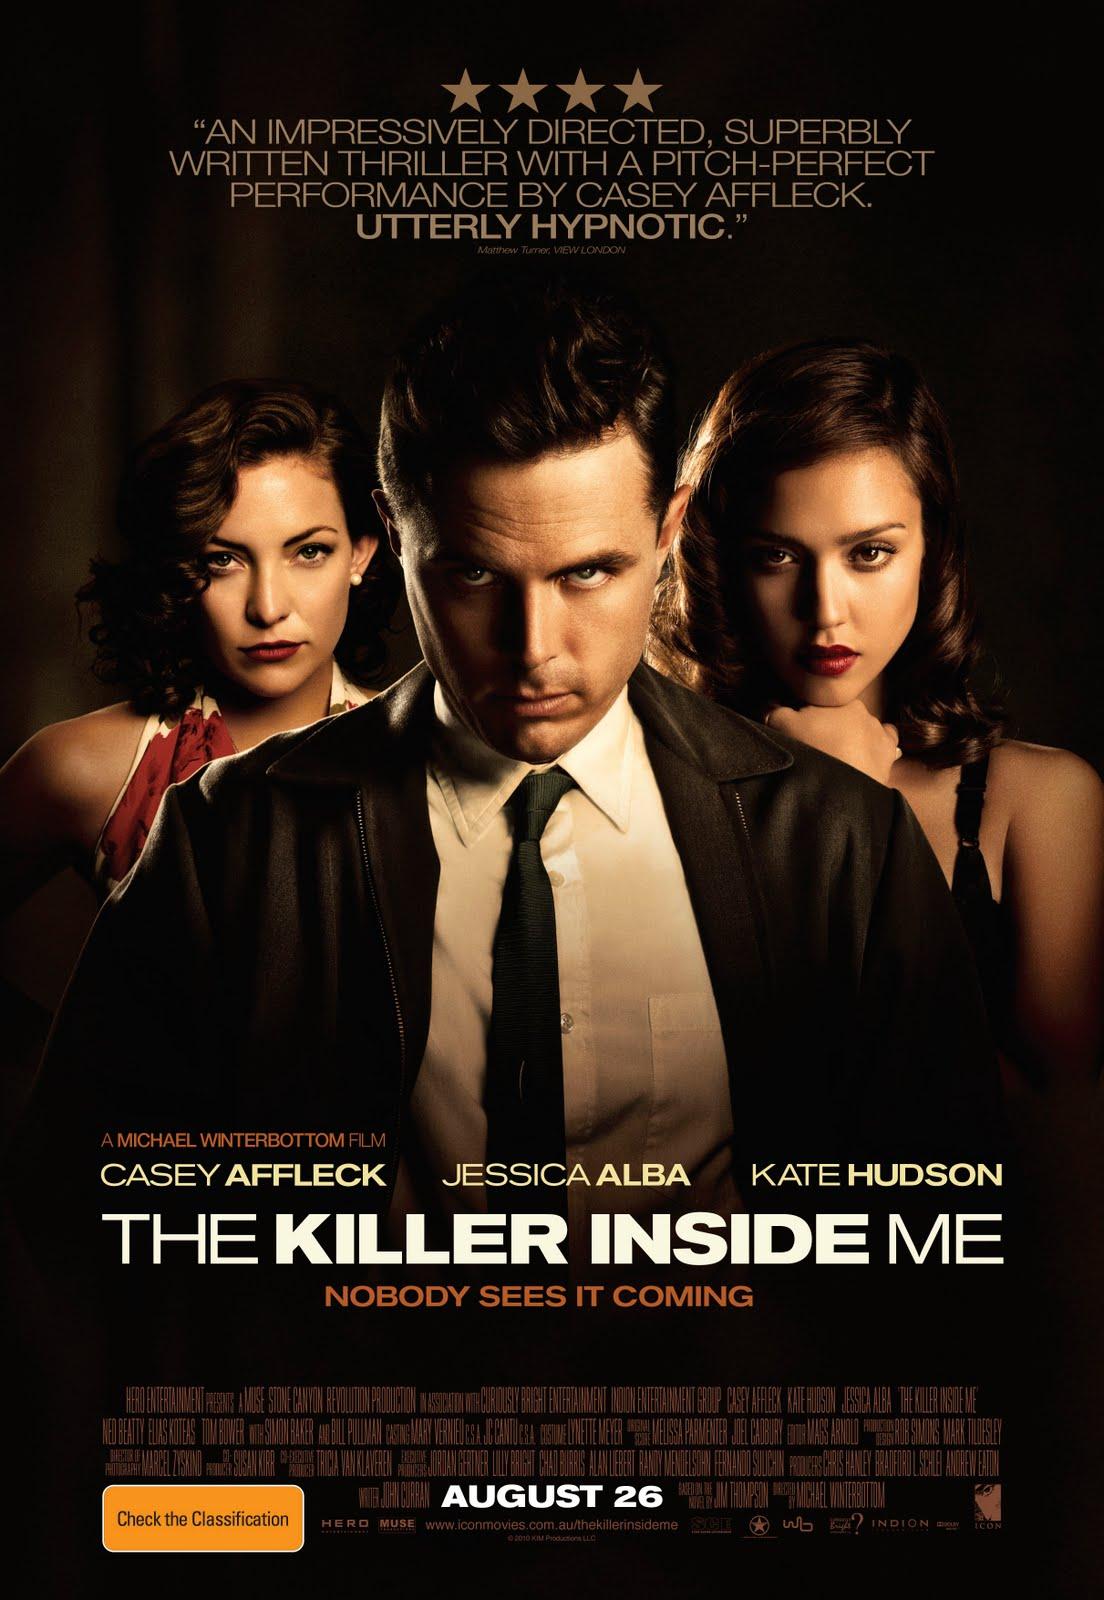 http://2.bp.blogspot.com/_jlMJGbgIZec/TG4GU53GhUI/AAAAAAAAAOY/OrKZeqm9NDY/s1600/Killer_Inside_Me.JPG